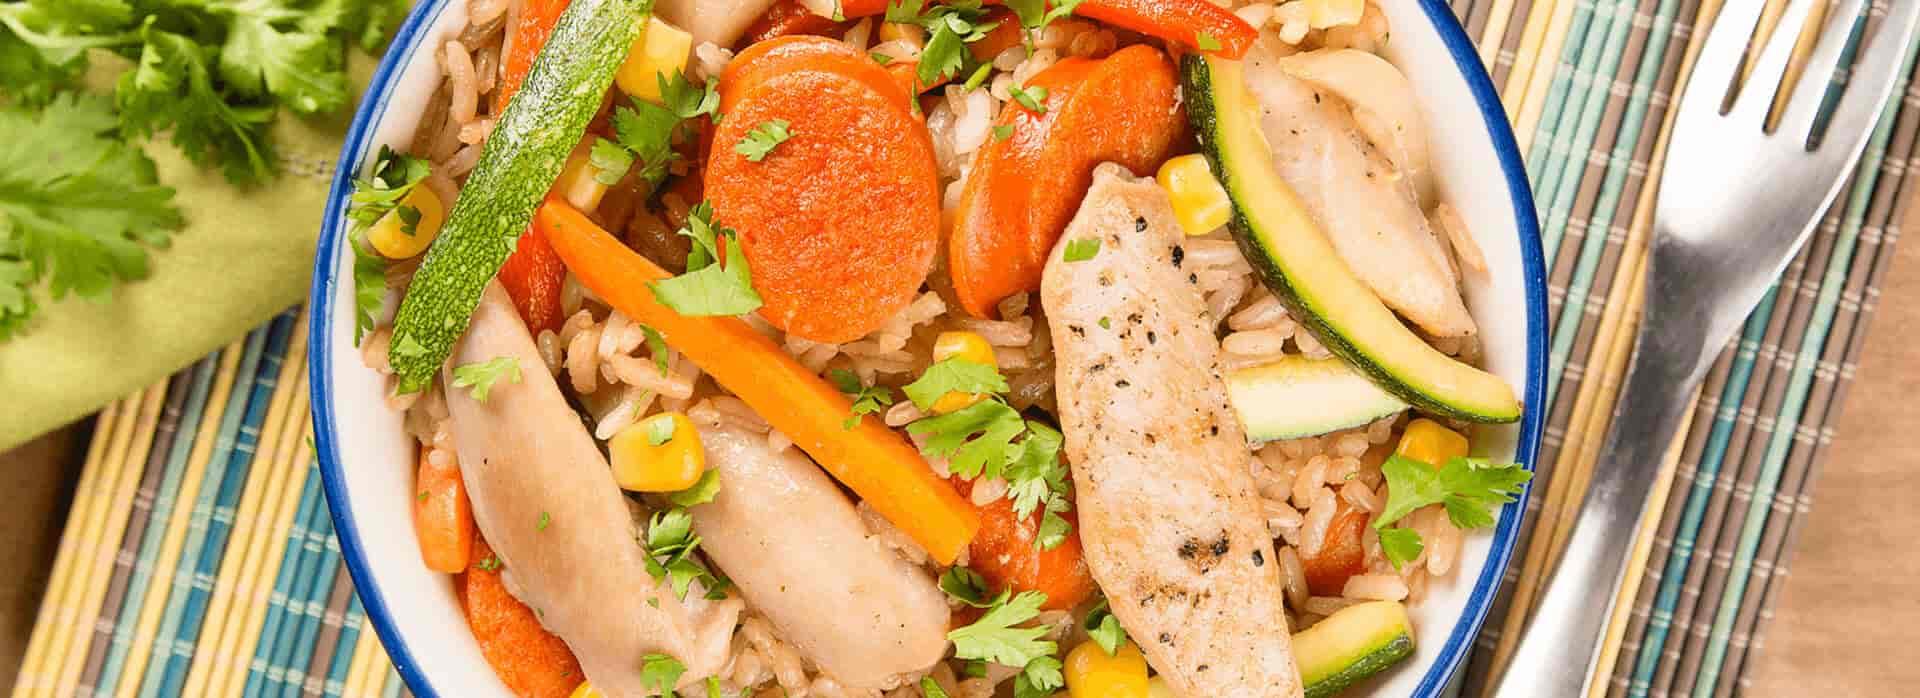 Cómo preparar arroz mixto de pollo